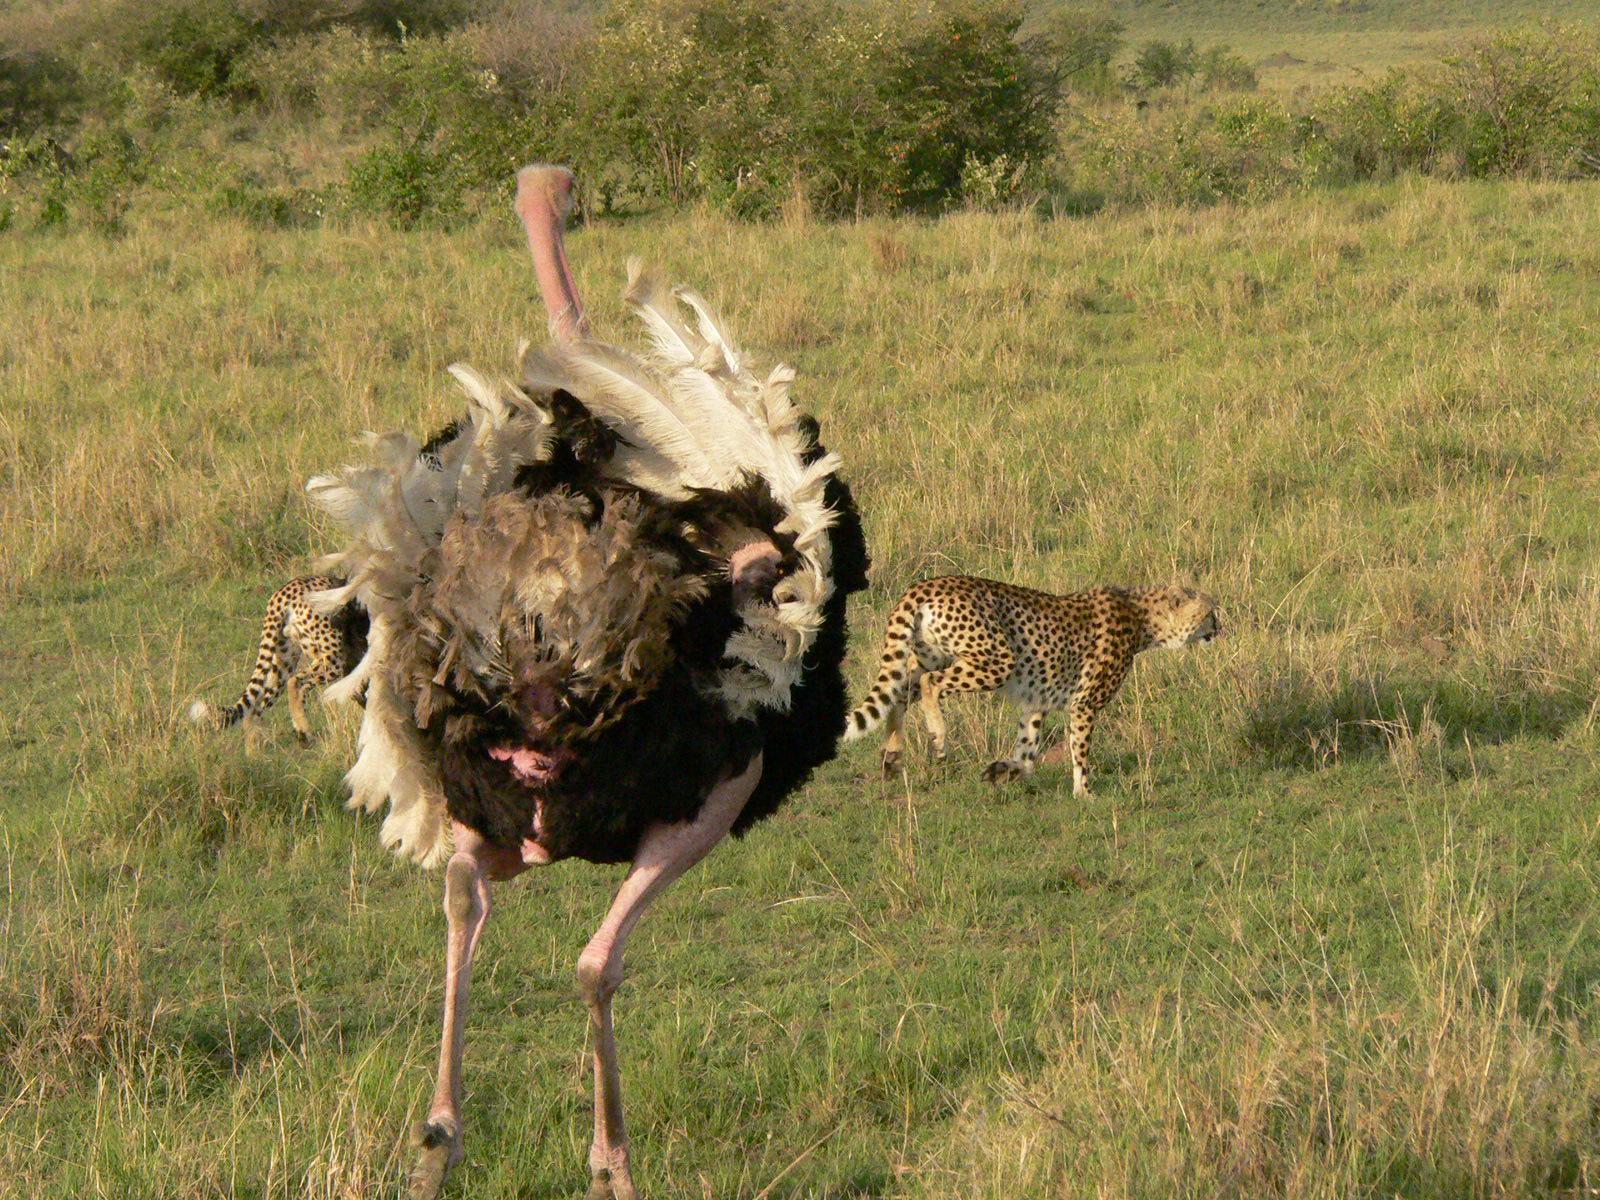 Dangerous Ostrich Attack